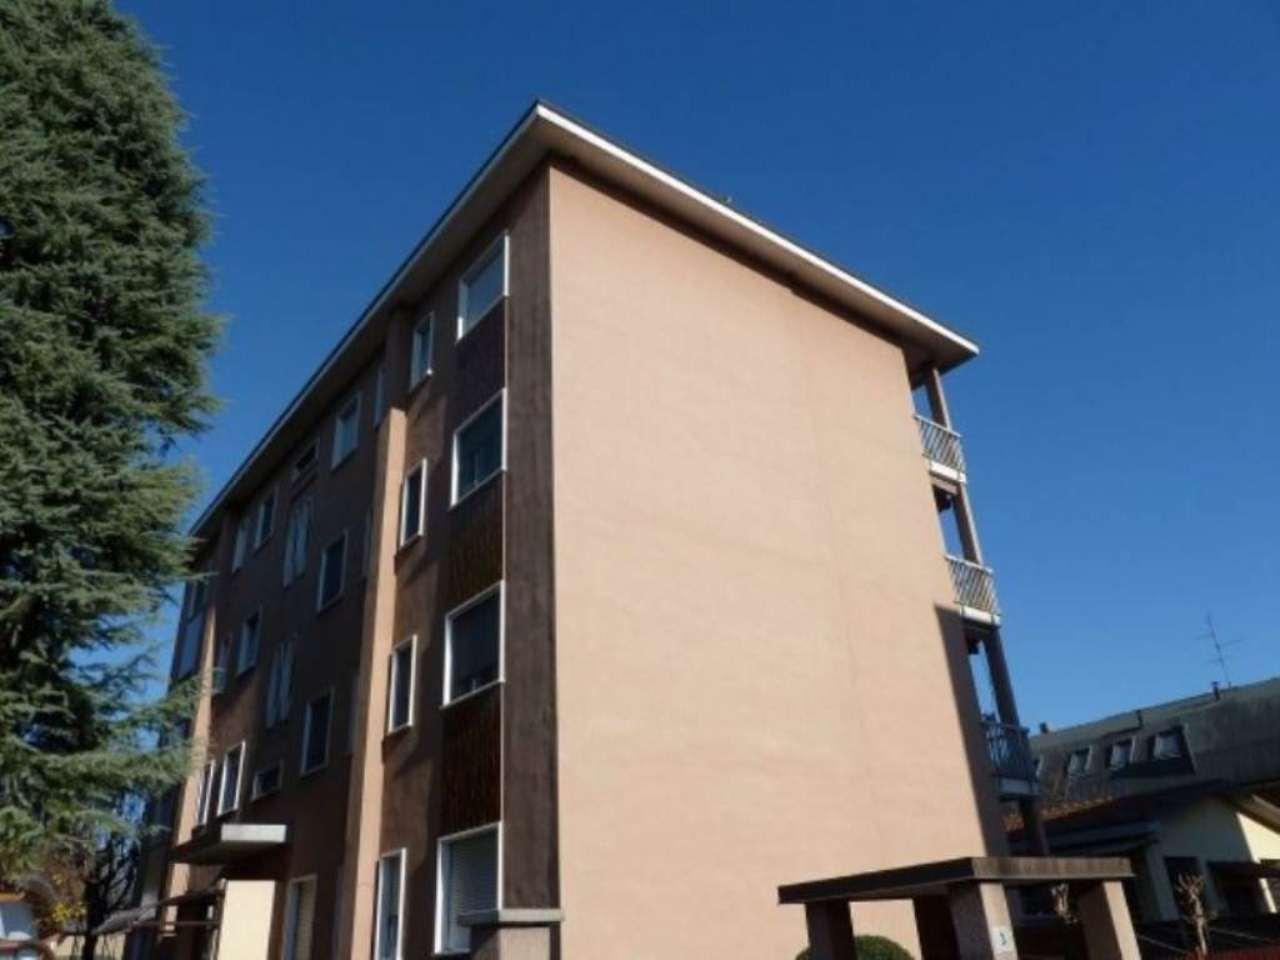 Appartamento in vendita a Senago, 2 locali, prezzo € 69.000 | Cambio Casa.it